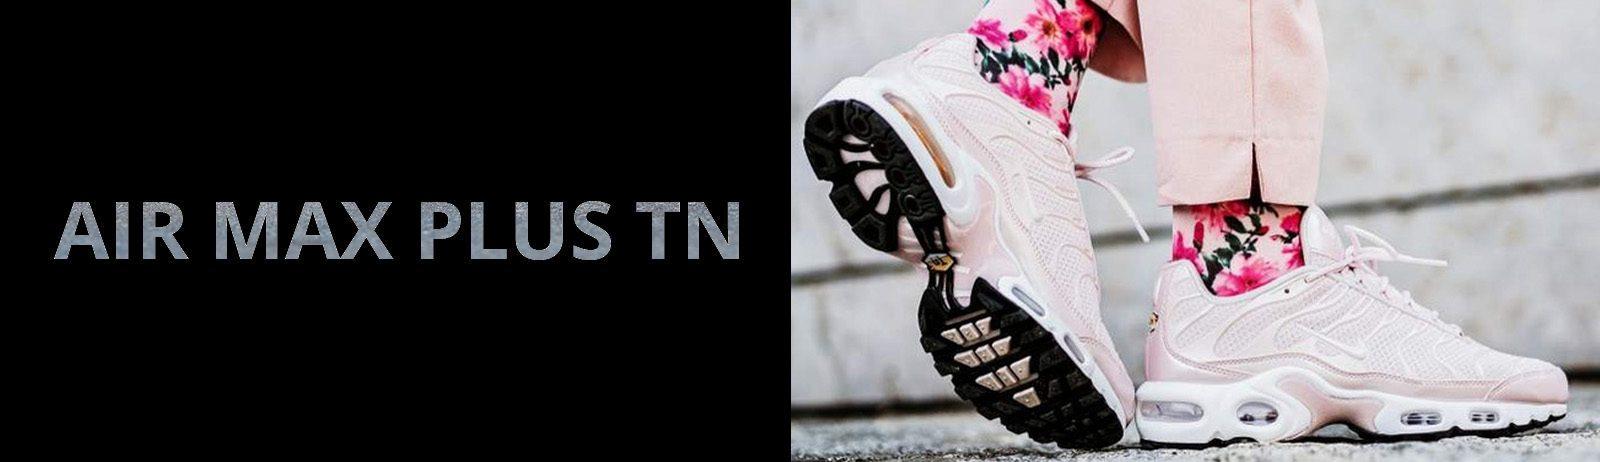 Nike Tn Air Max Plus